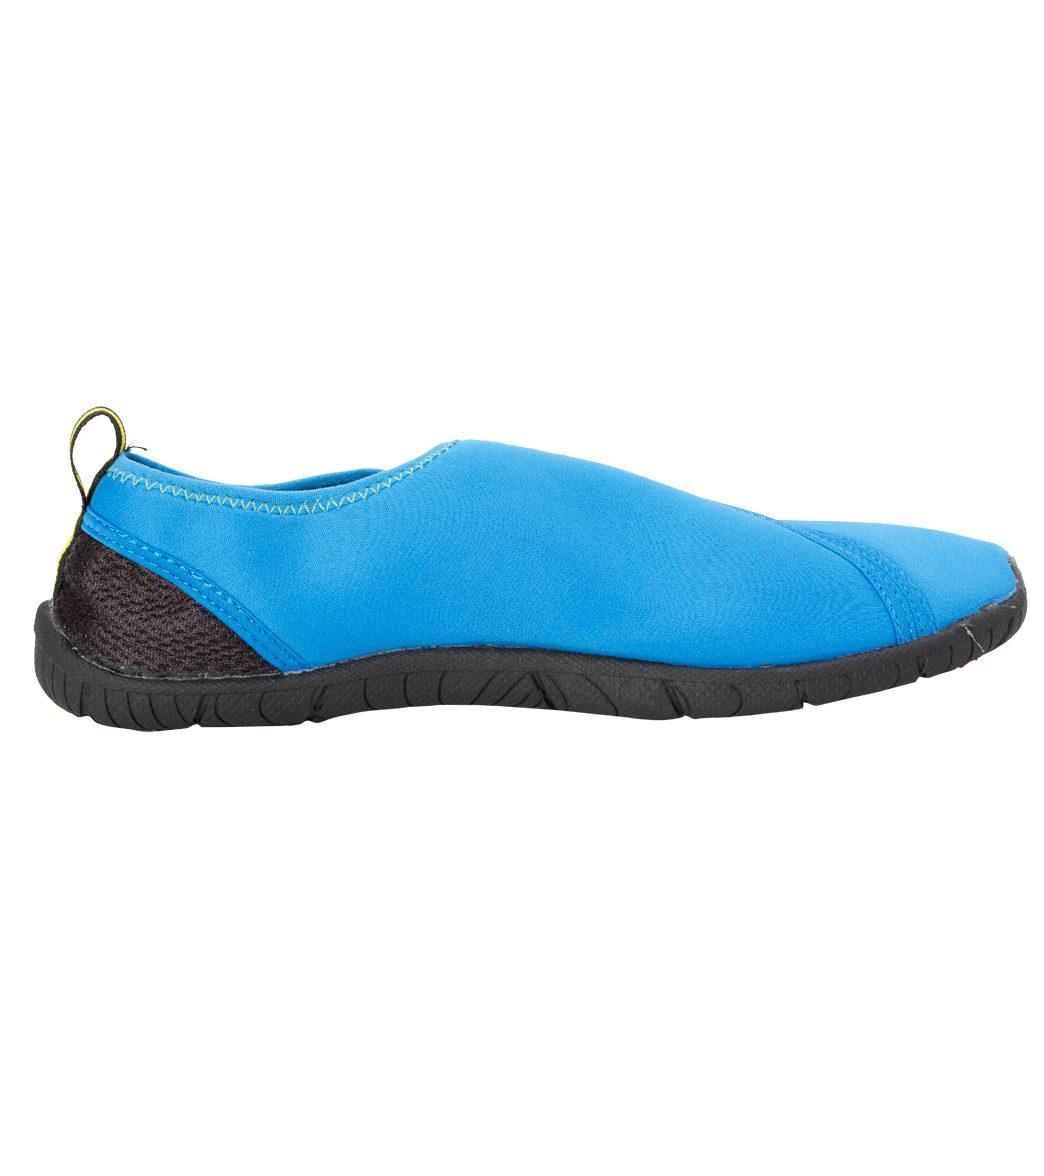 827ce9e18e7c Speedo Men s Surfwalker Pro 3.0 Water Shoes at SwimOutlet.com